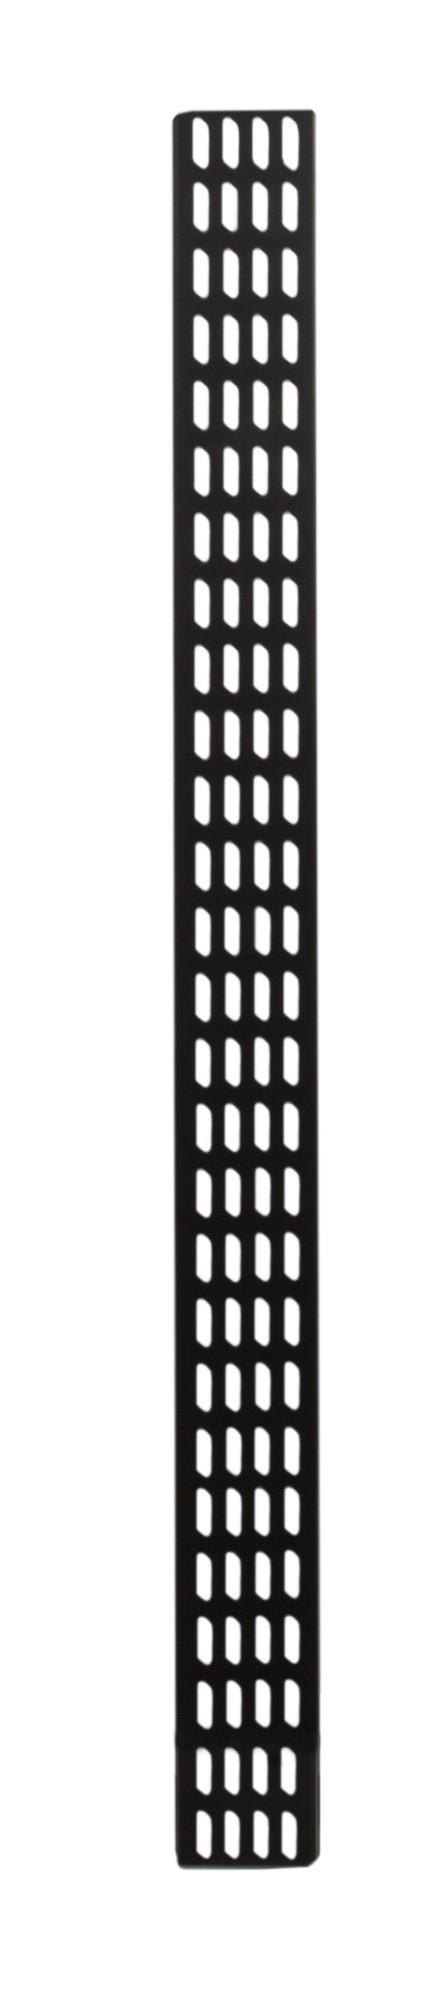 Afbeelding van 27U verticale kabelgoot